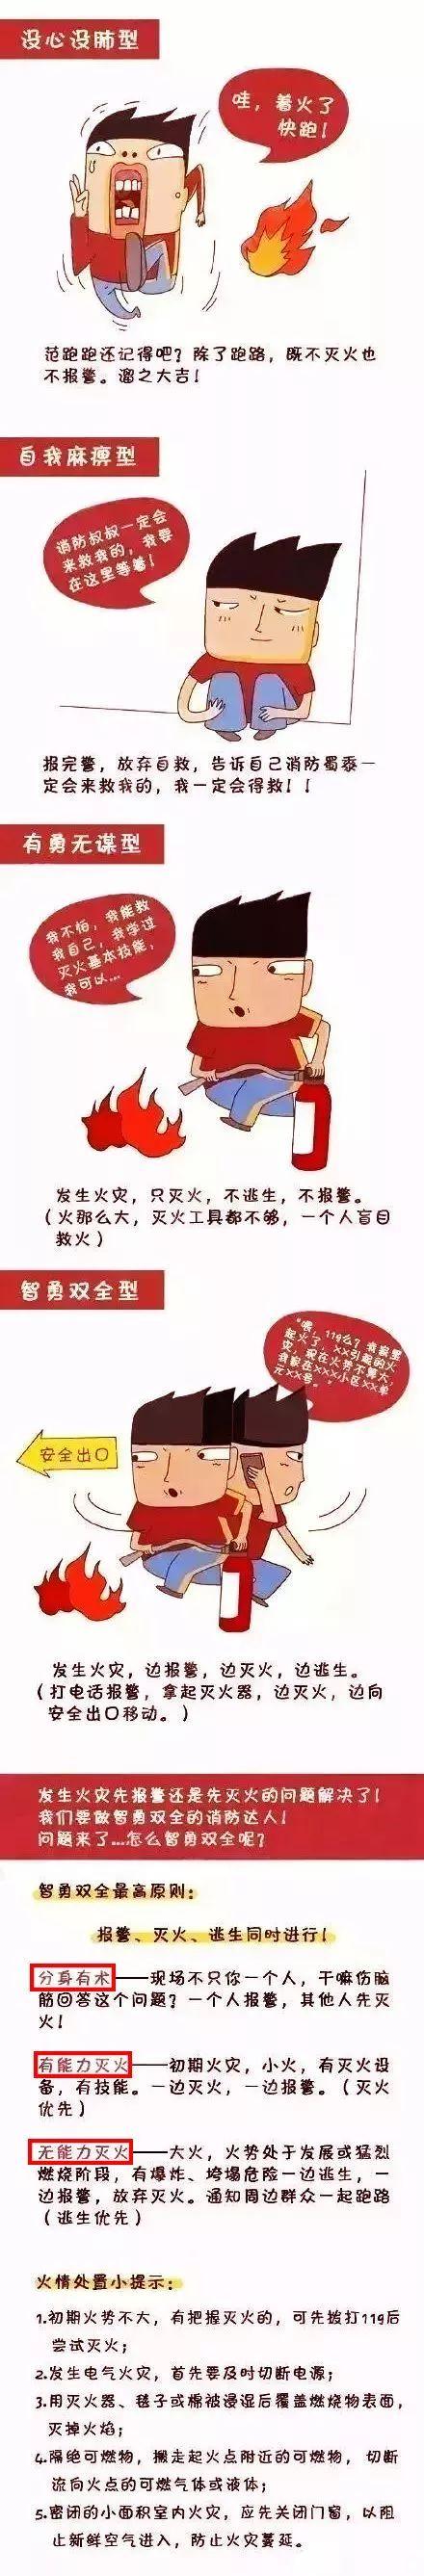 """这是一道""""保命题"""":发生火灾是先报警还是先灭火!?"""